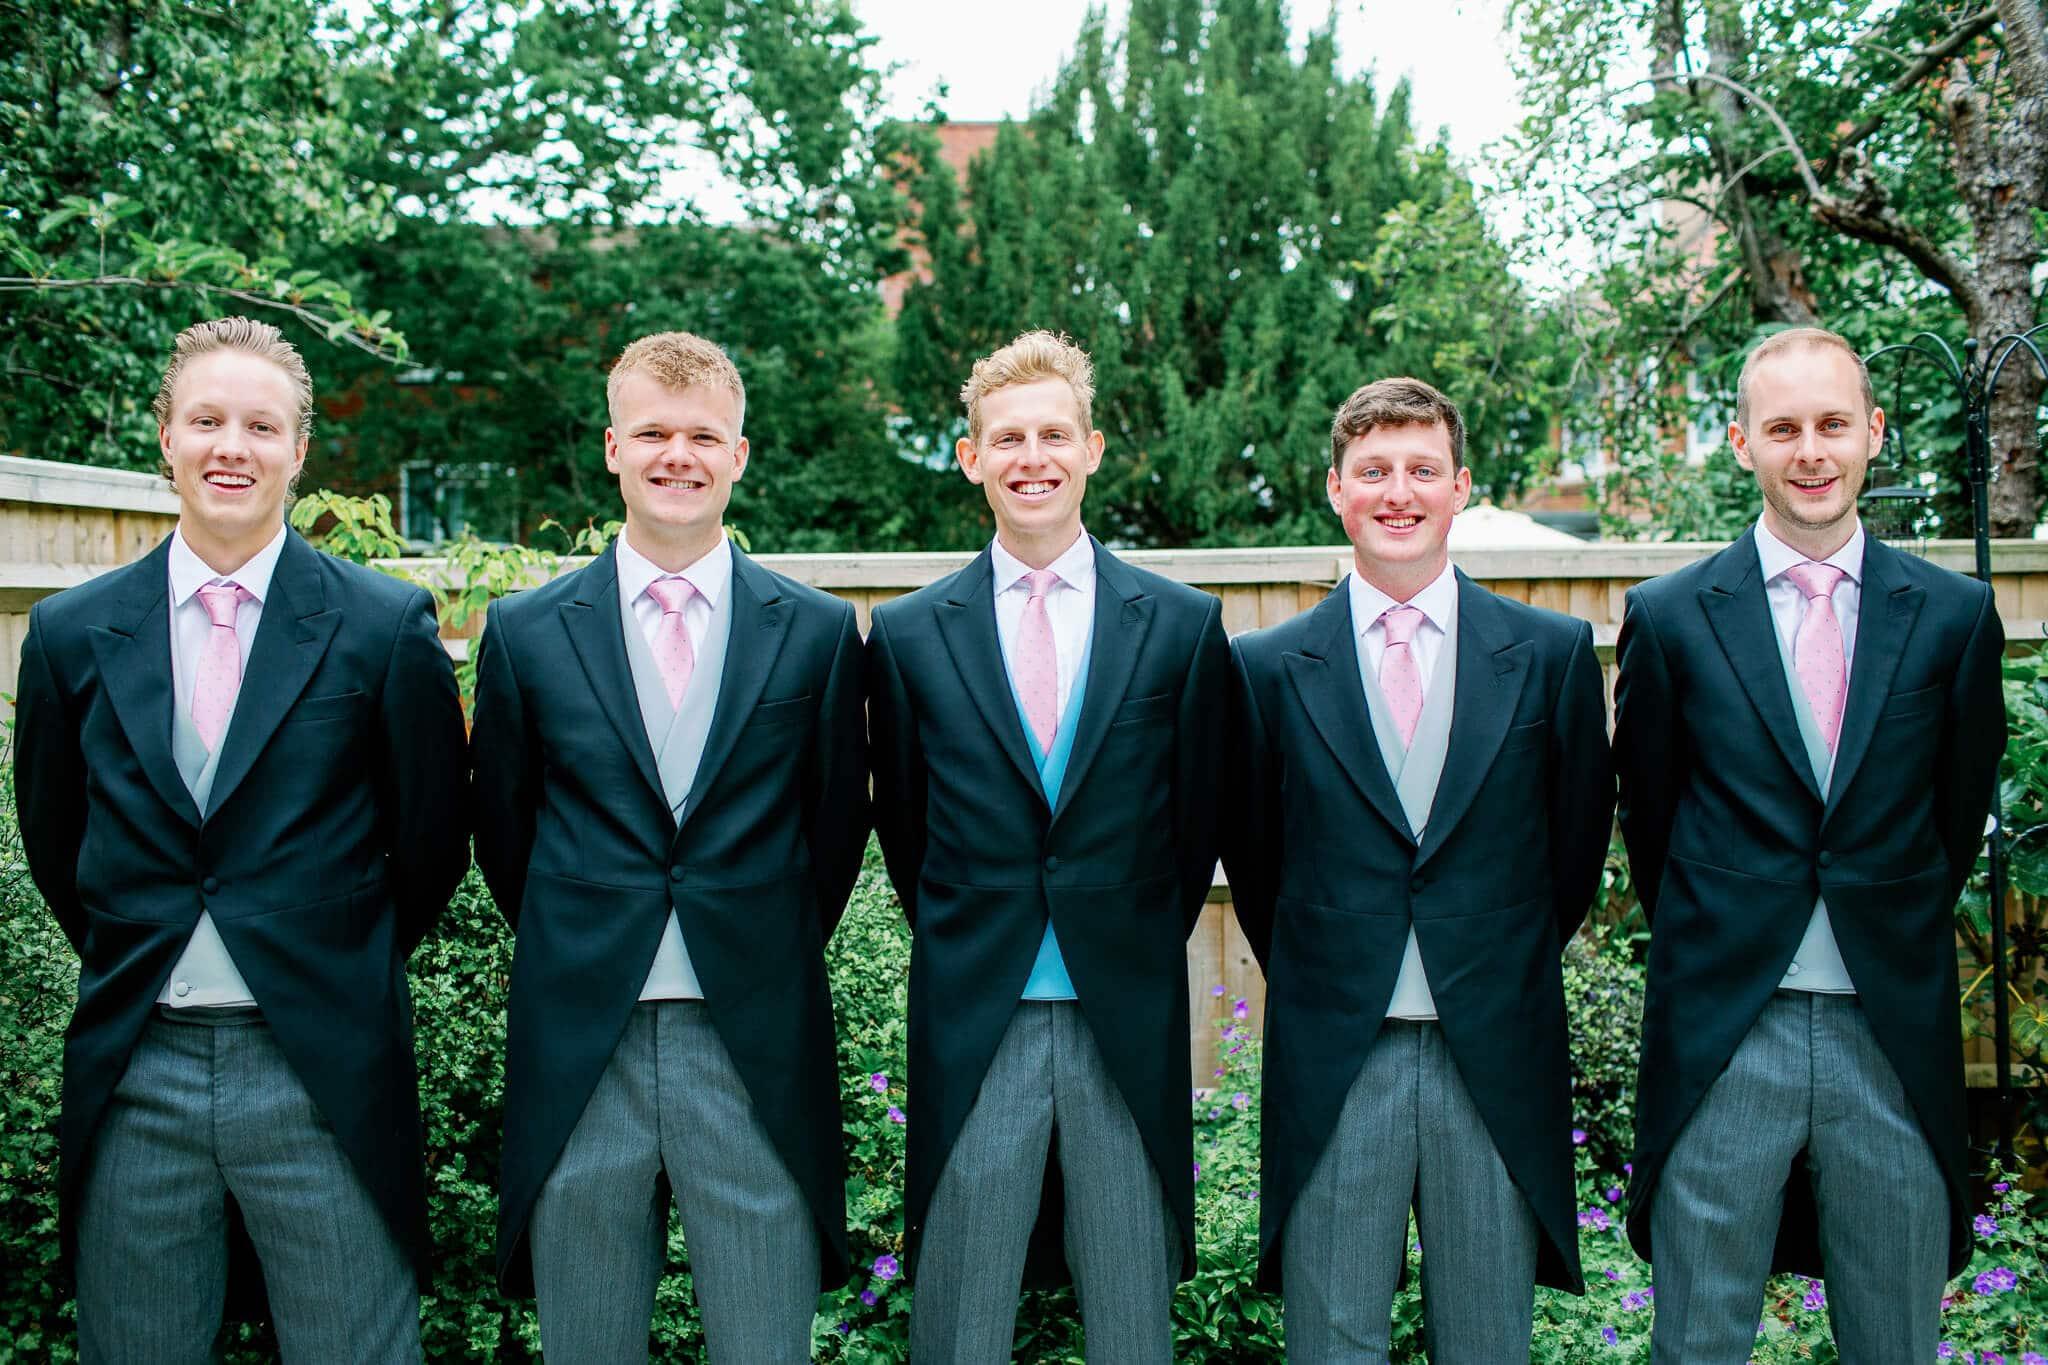 Lains Barn wedding photography of ushers